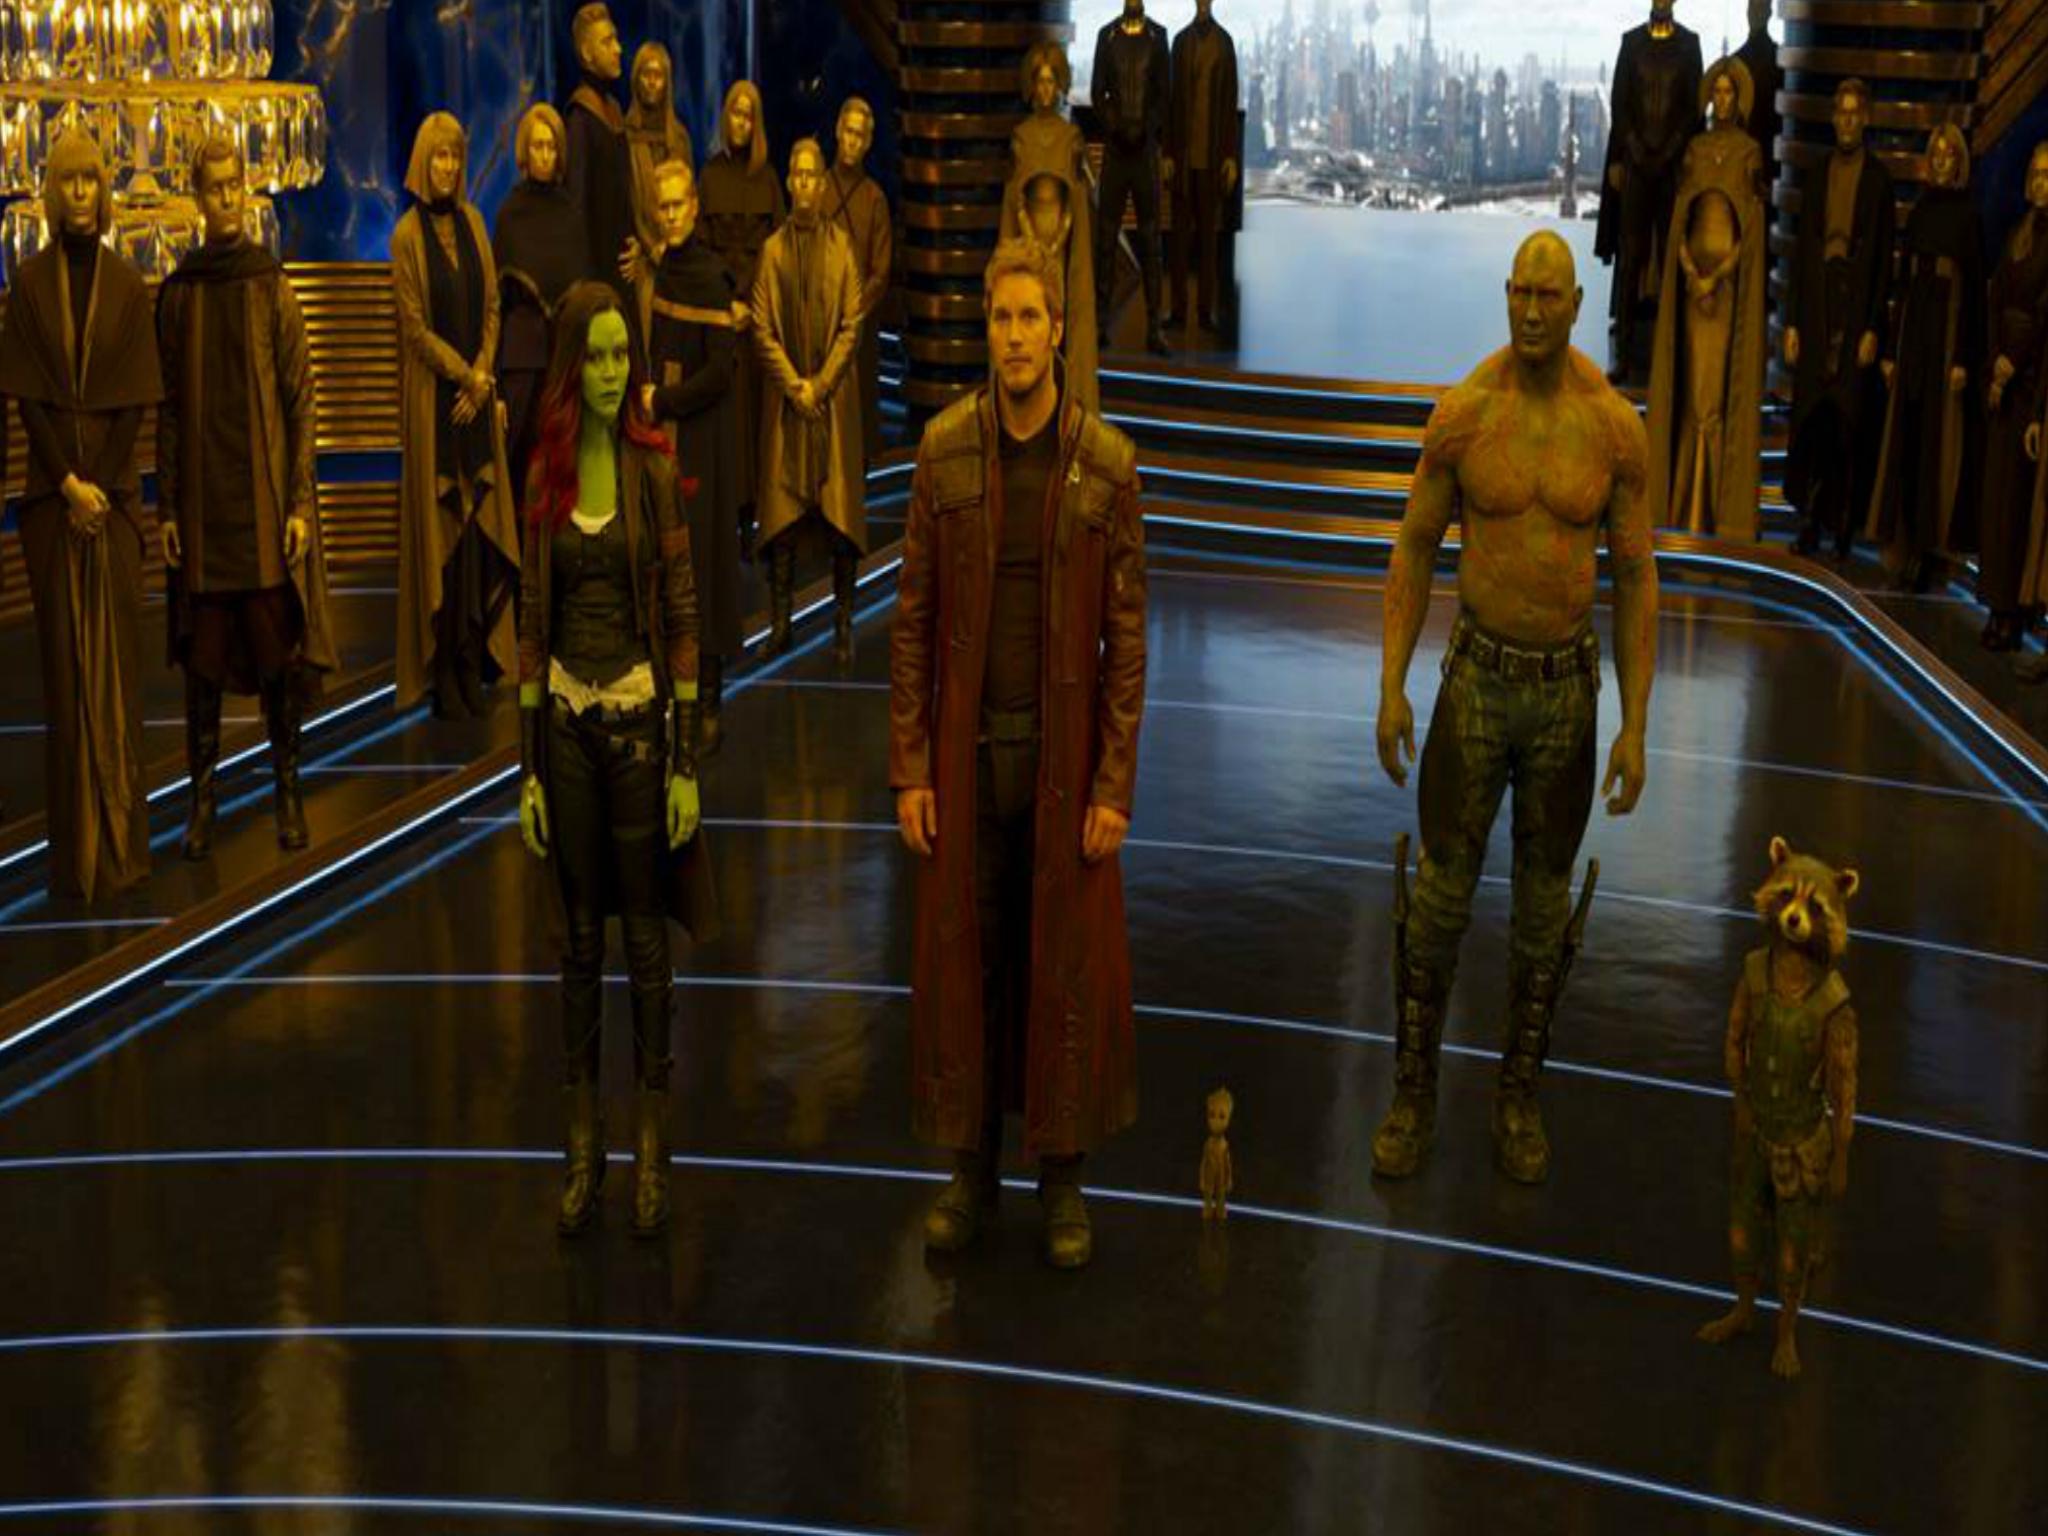 Fotograma de los personajes de Guardianes de la galaxia